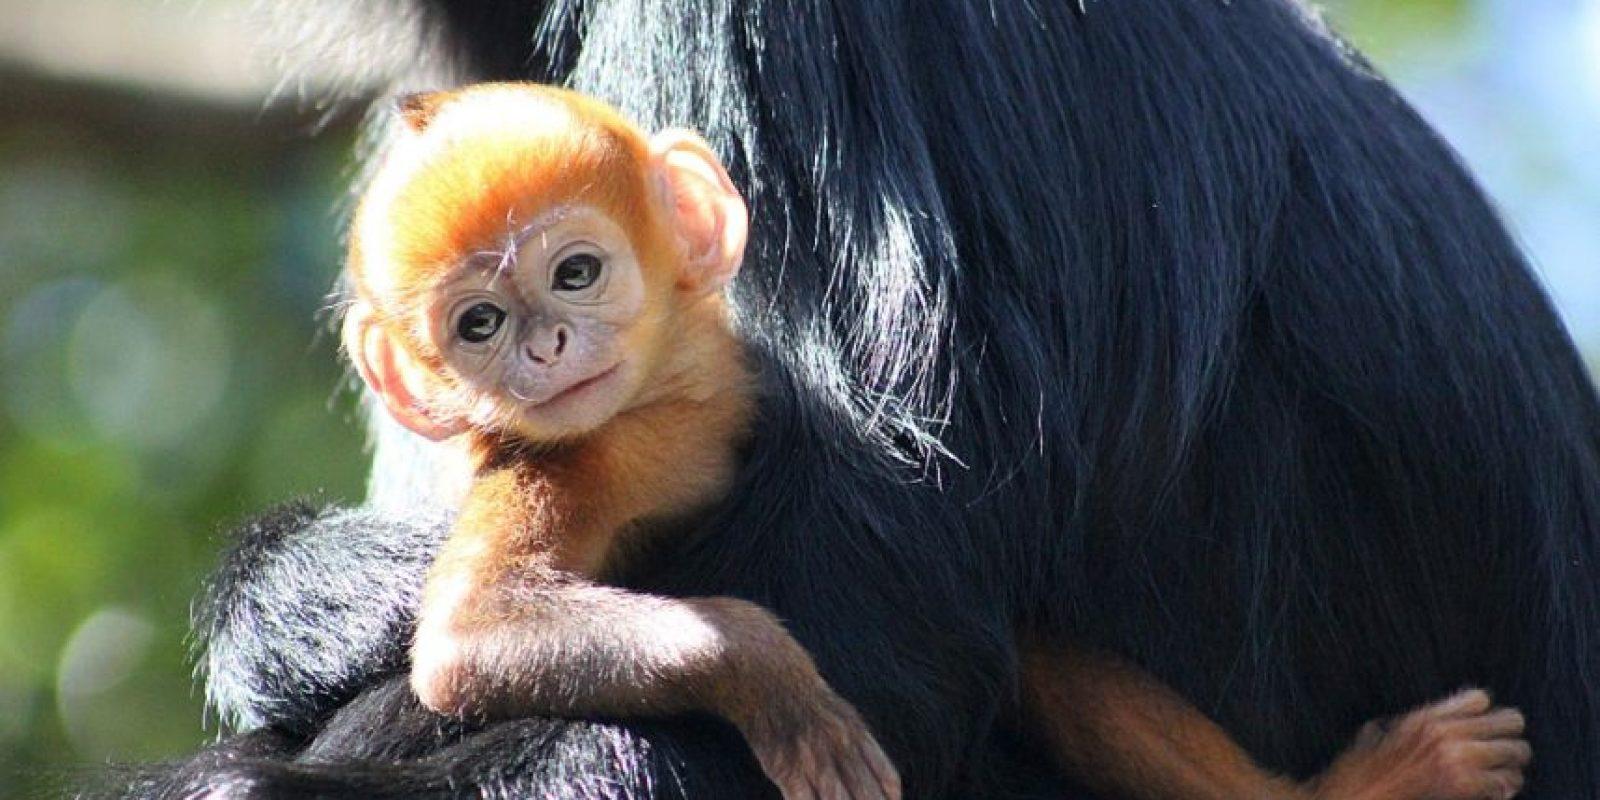 El zoológico aseguró que Nangua se encuentra en buen estado de salud. Foto:Vía Facebook.com/tarongazoo